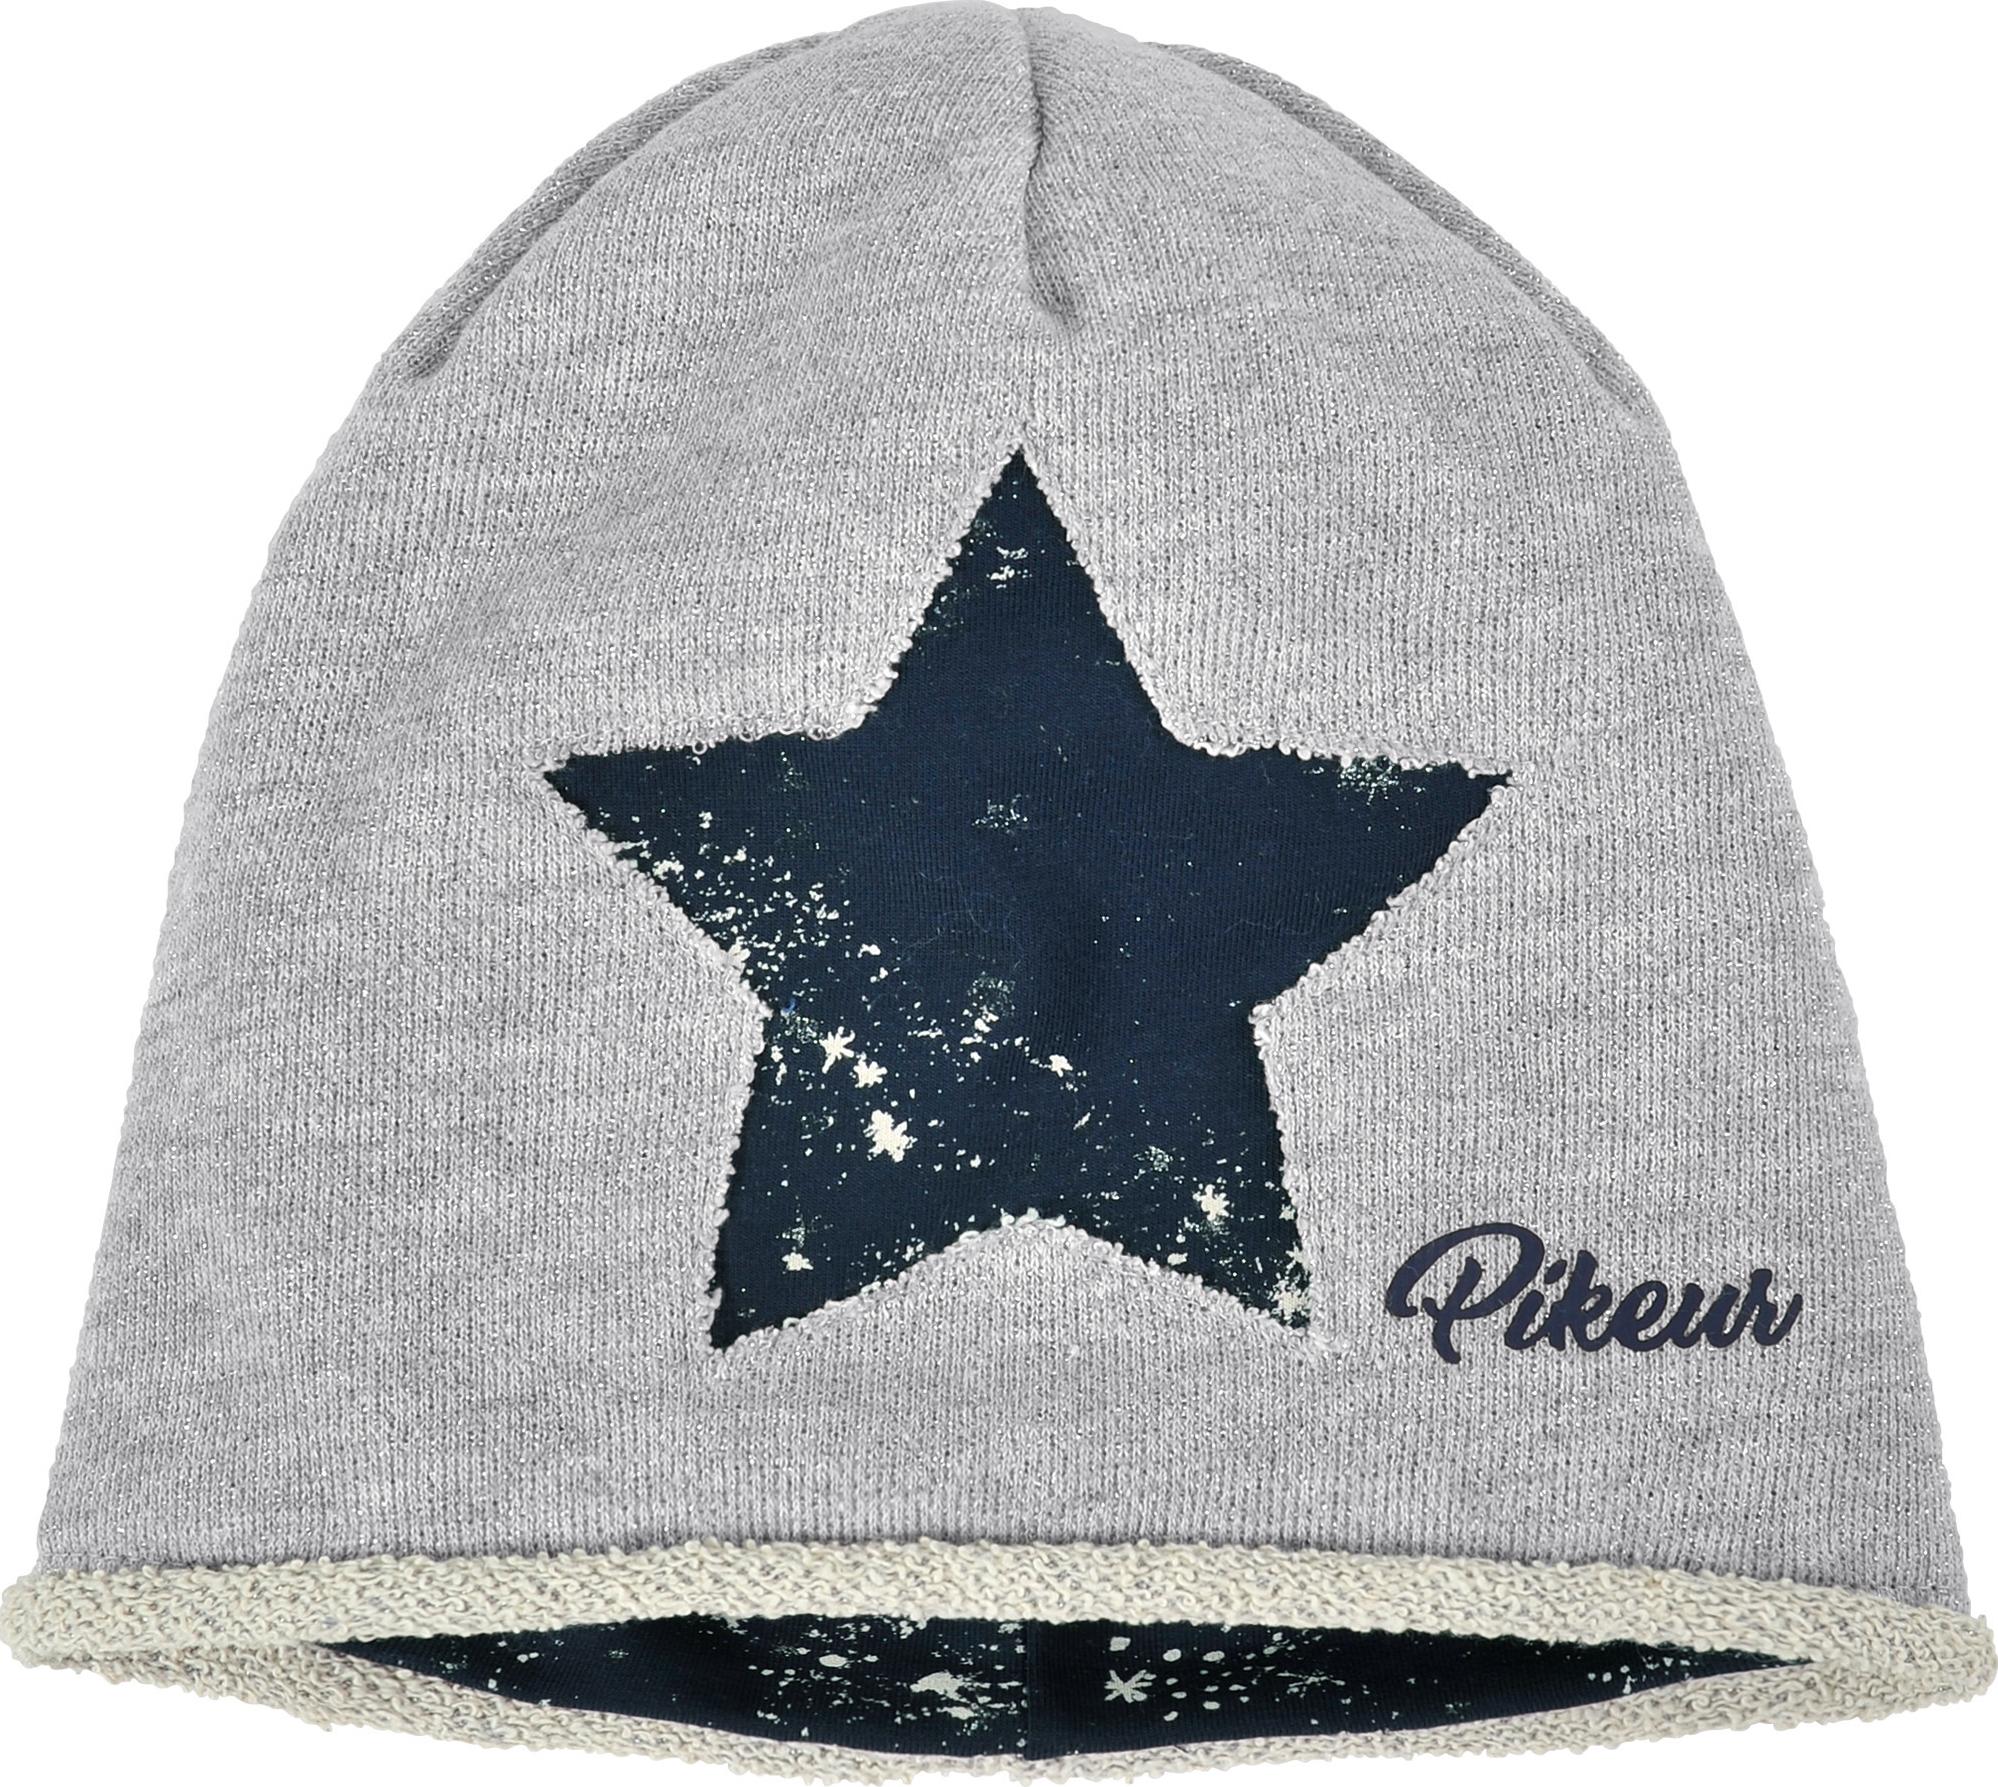 CHILDREN'S LUREX HAT